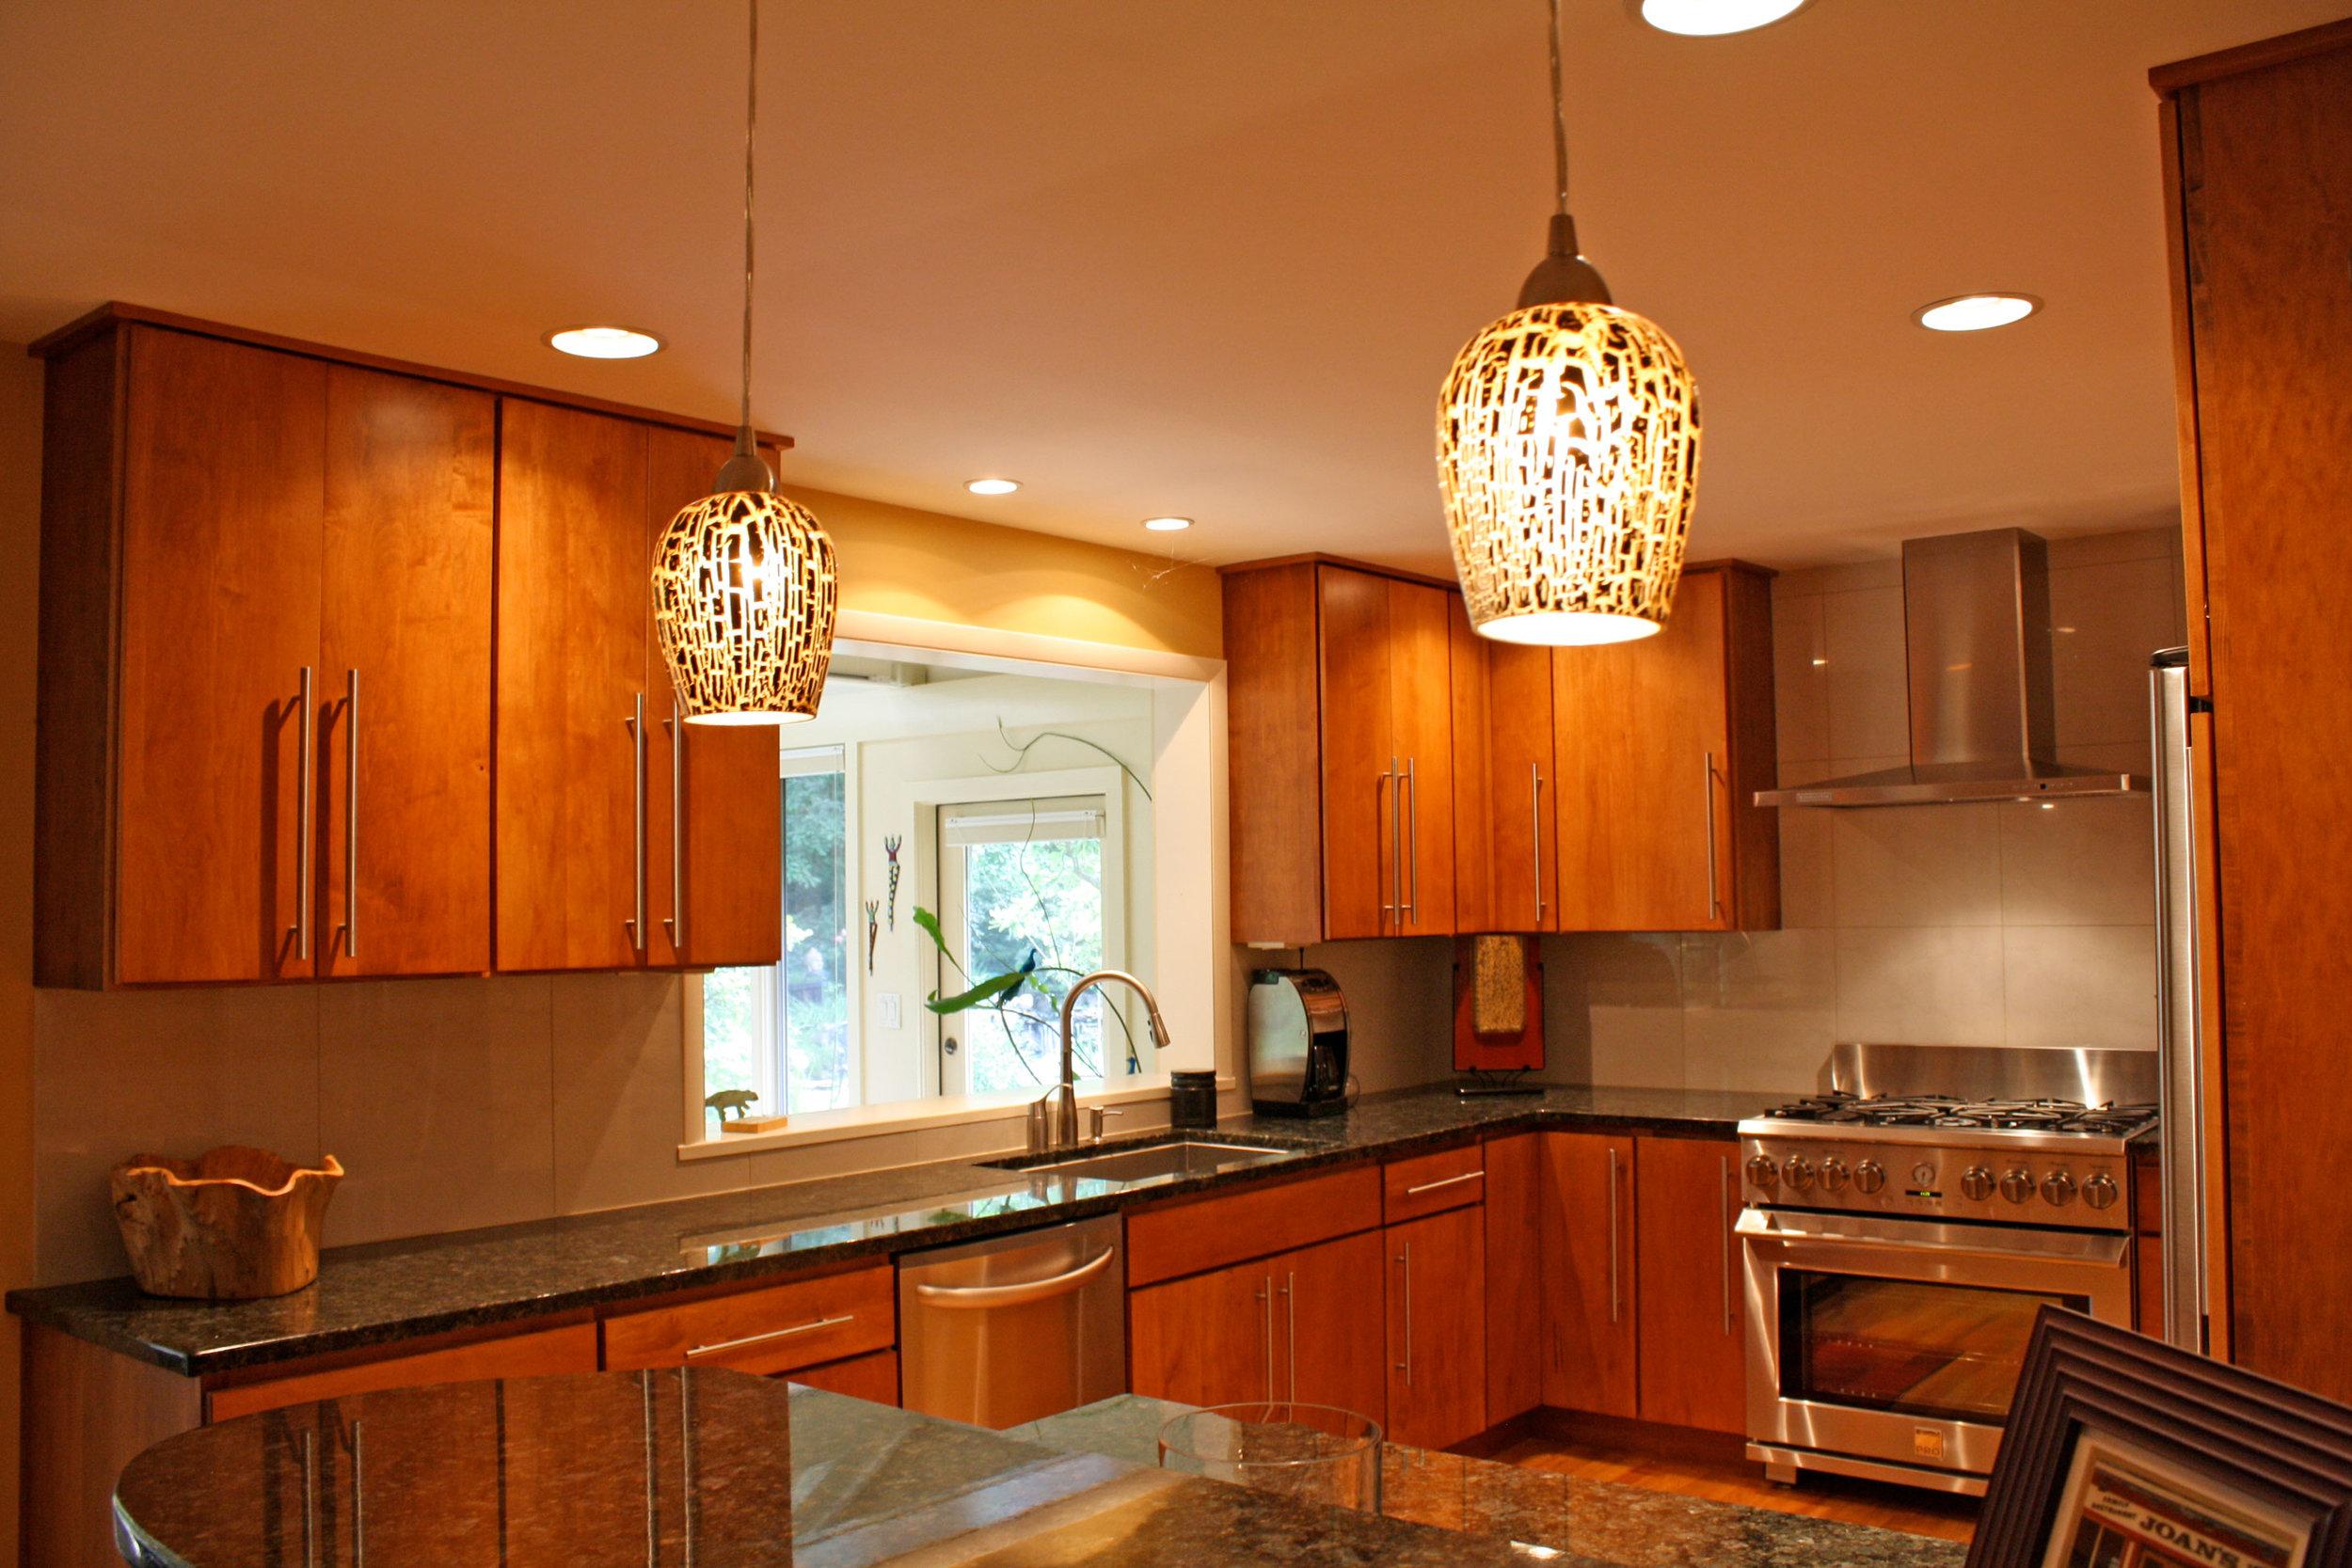 modern-kitchen-window-view.jpg